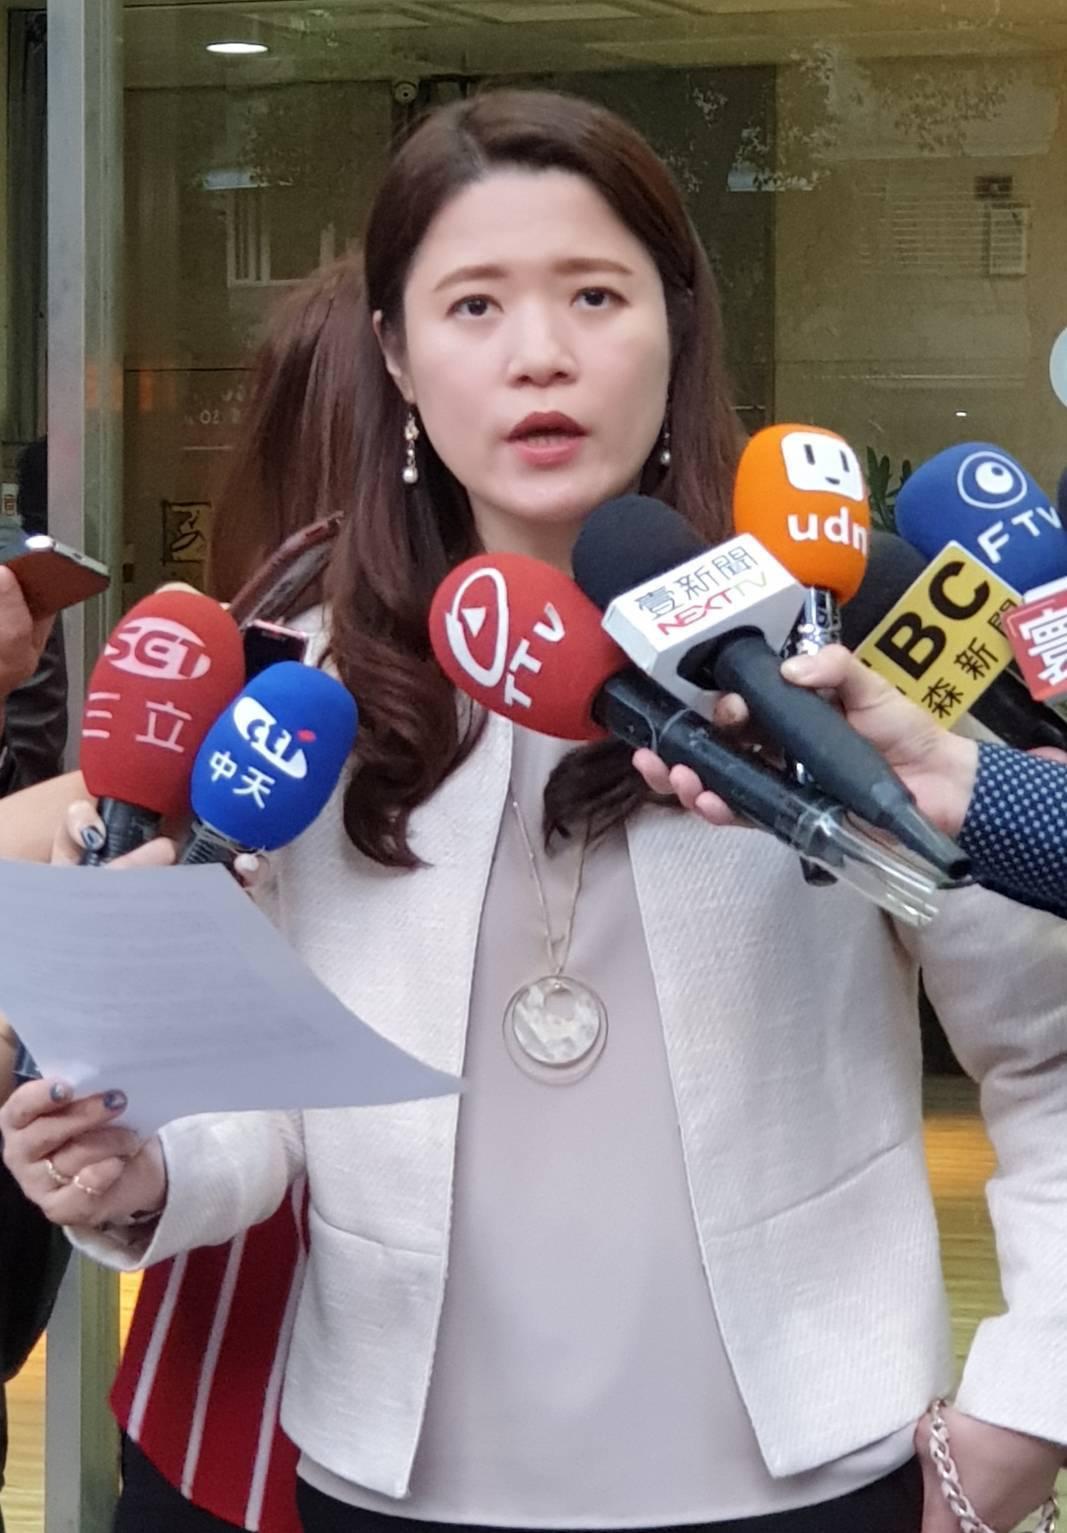 柯文哲辦公室對於《屠殺》作者伊森.葛特曼的指控表達強烈抗議。記者陳煜彬/攝影